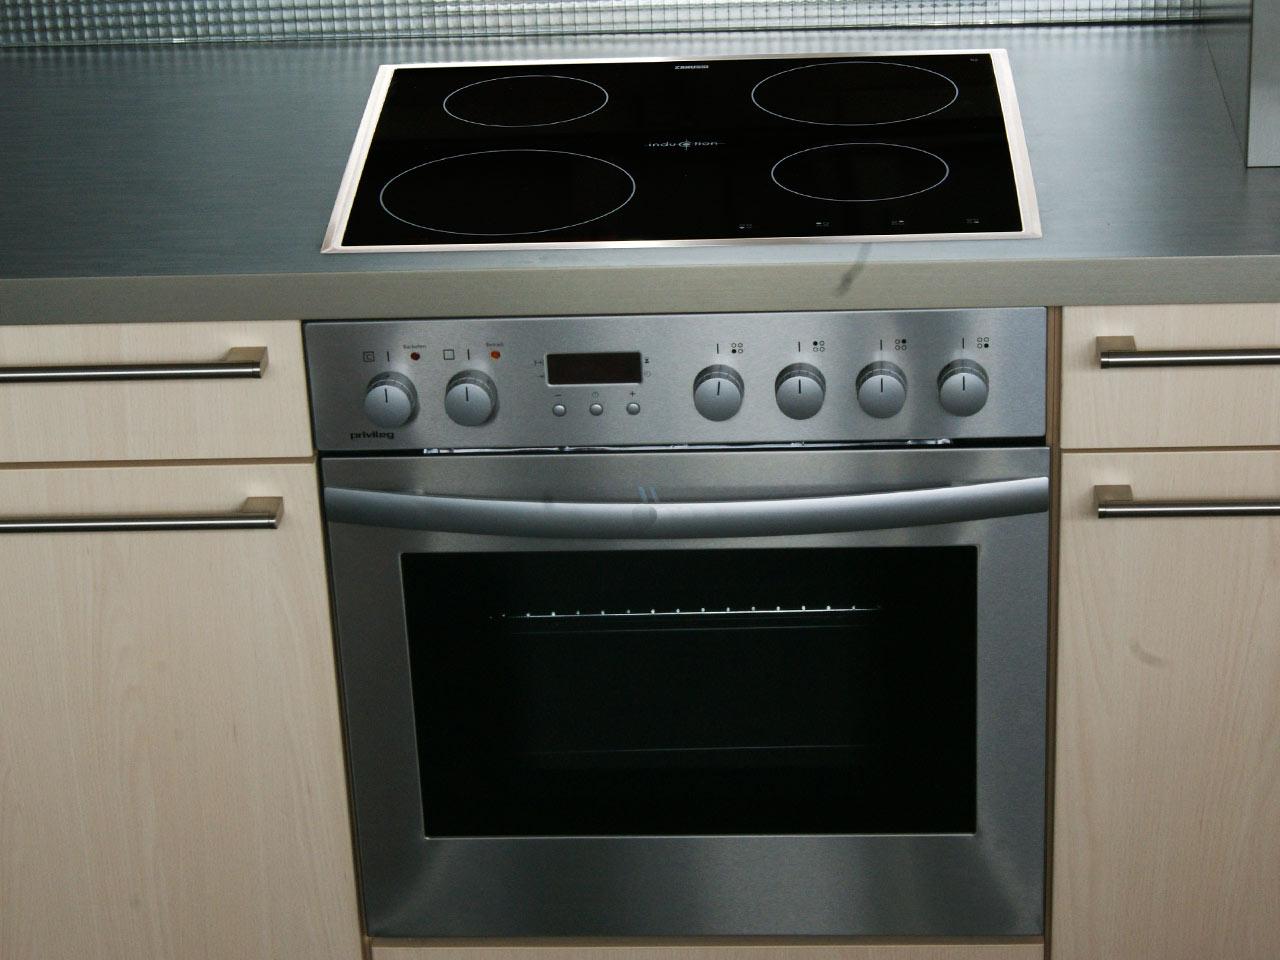 60cm privileg einbau induktion herdset orig 1499 eek a. Black Bedroom Furniture Sets. Home Design Ideas